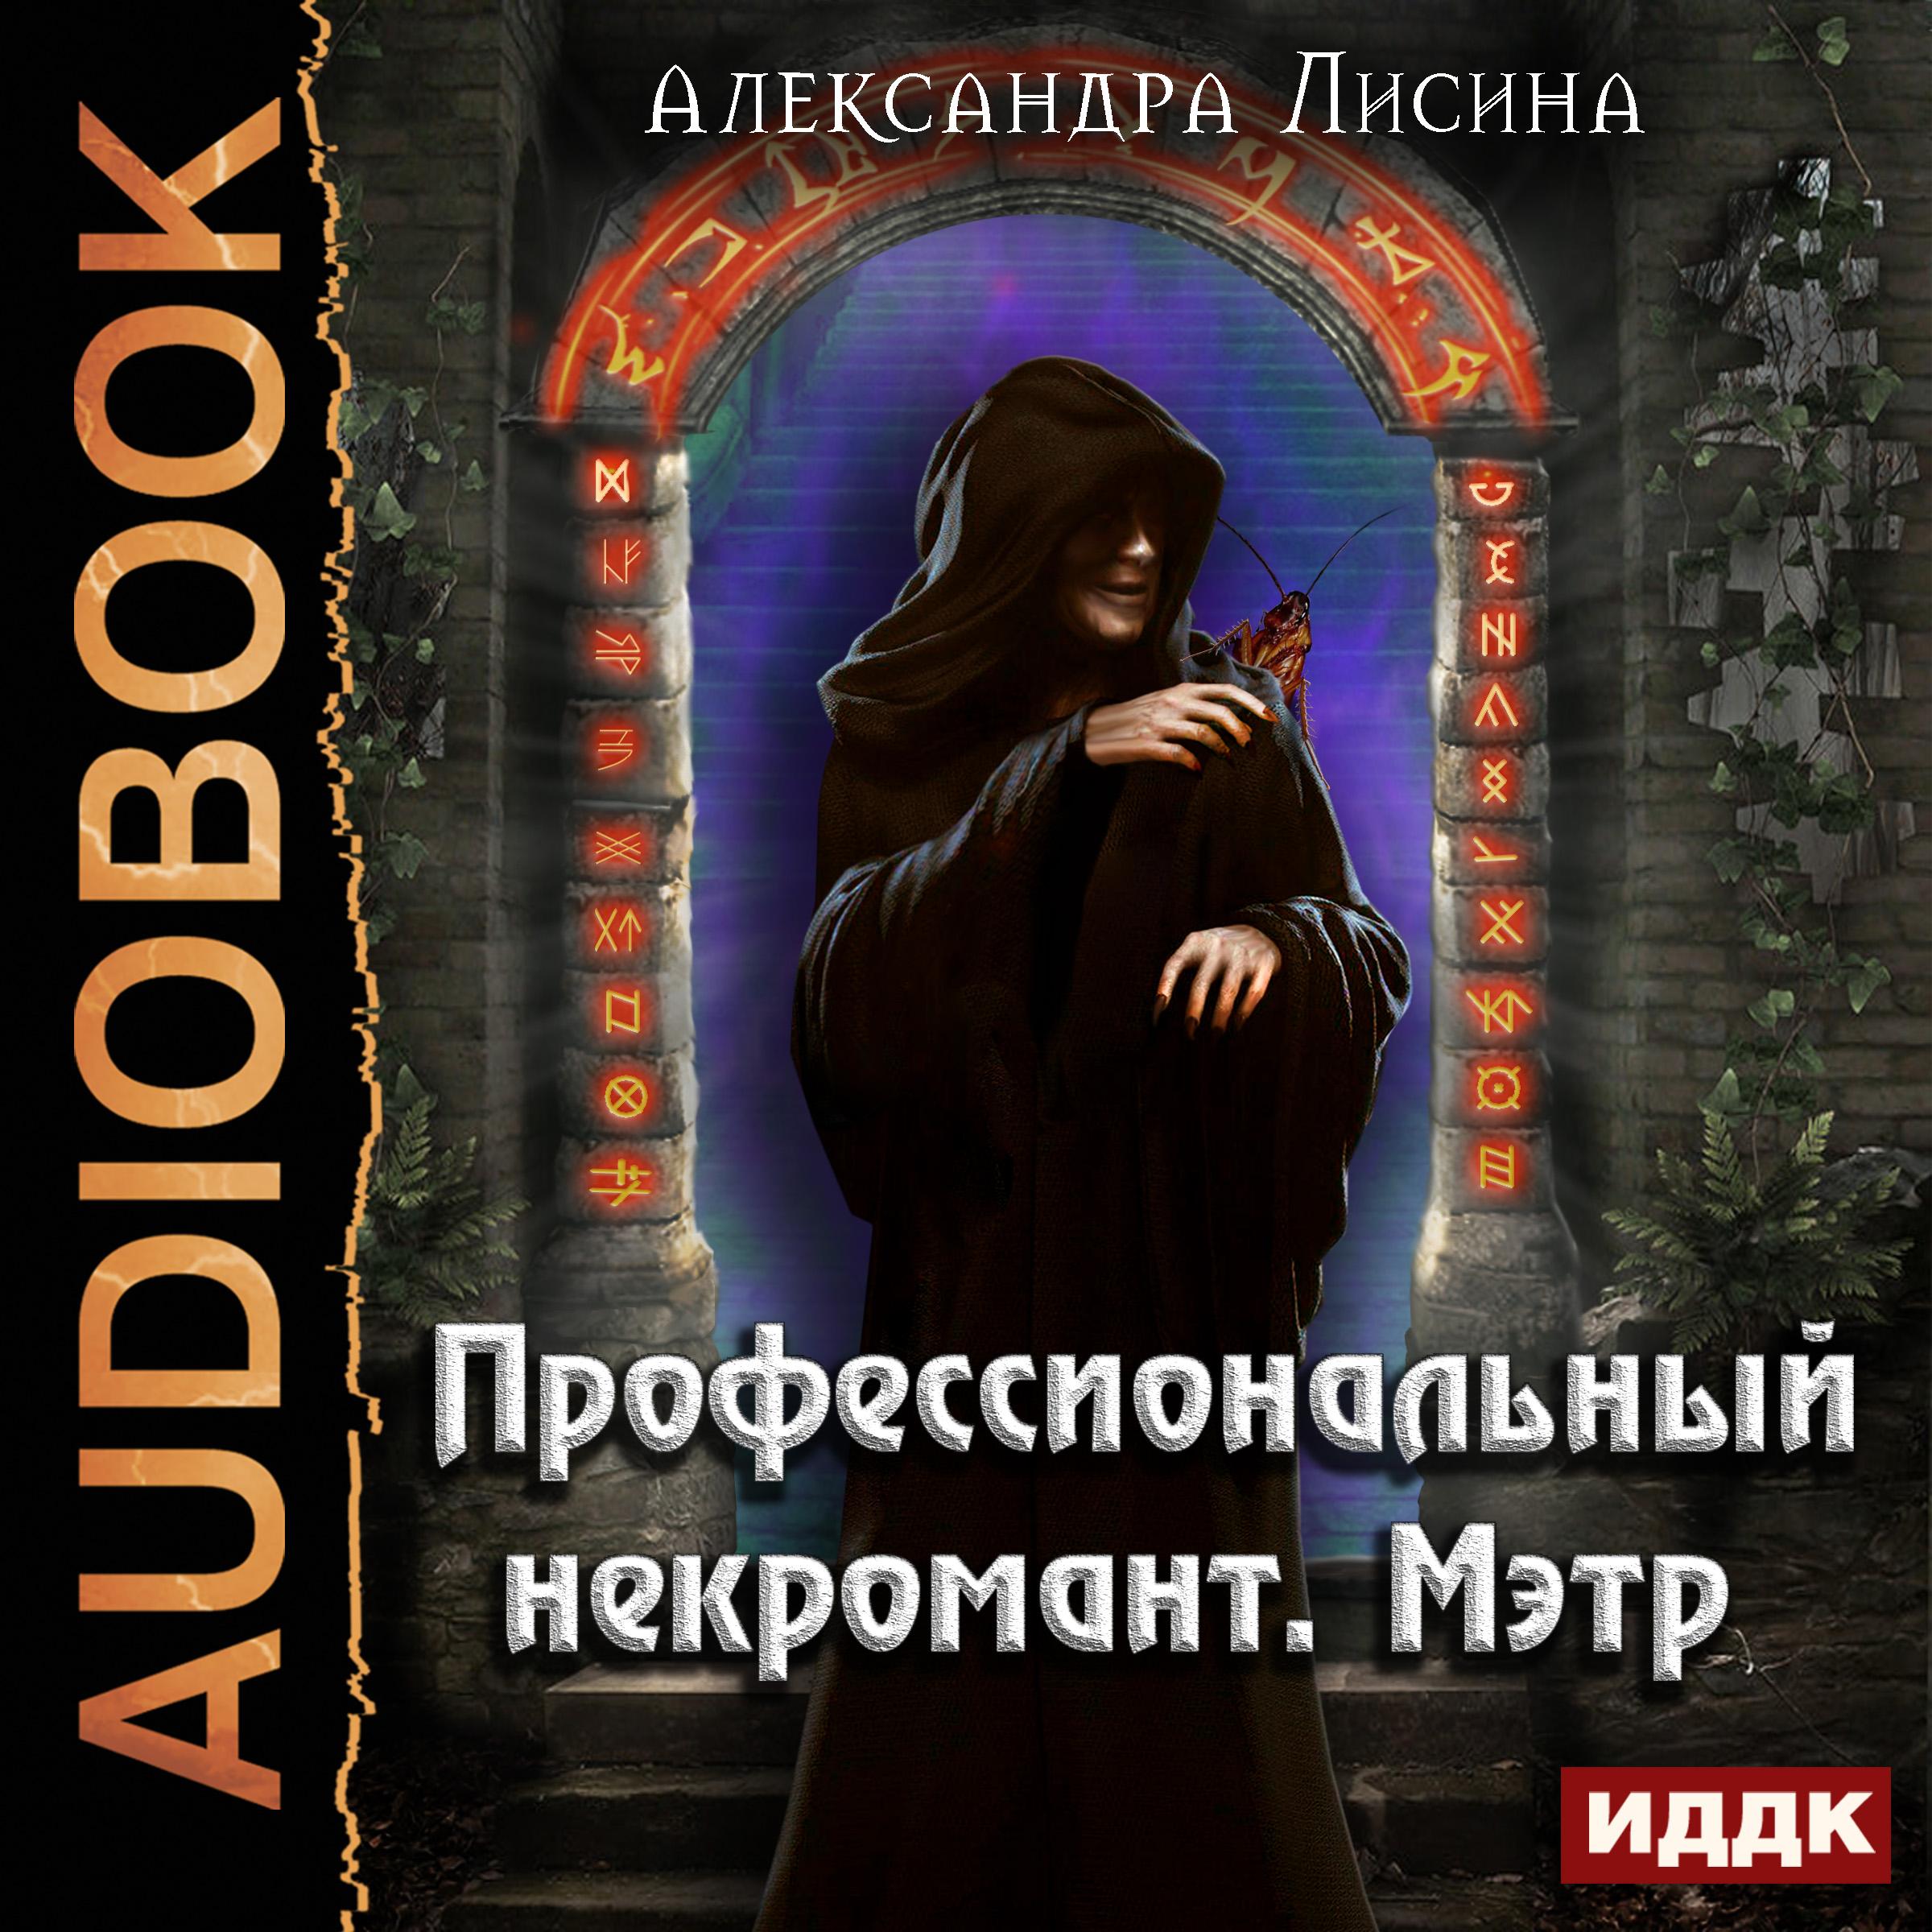 Александра Лисина Профессиональный некромант. Мэтр александра лисина сказочный переполох